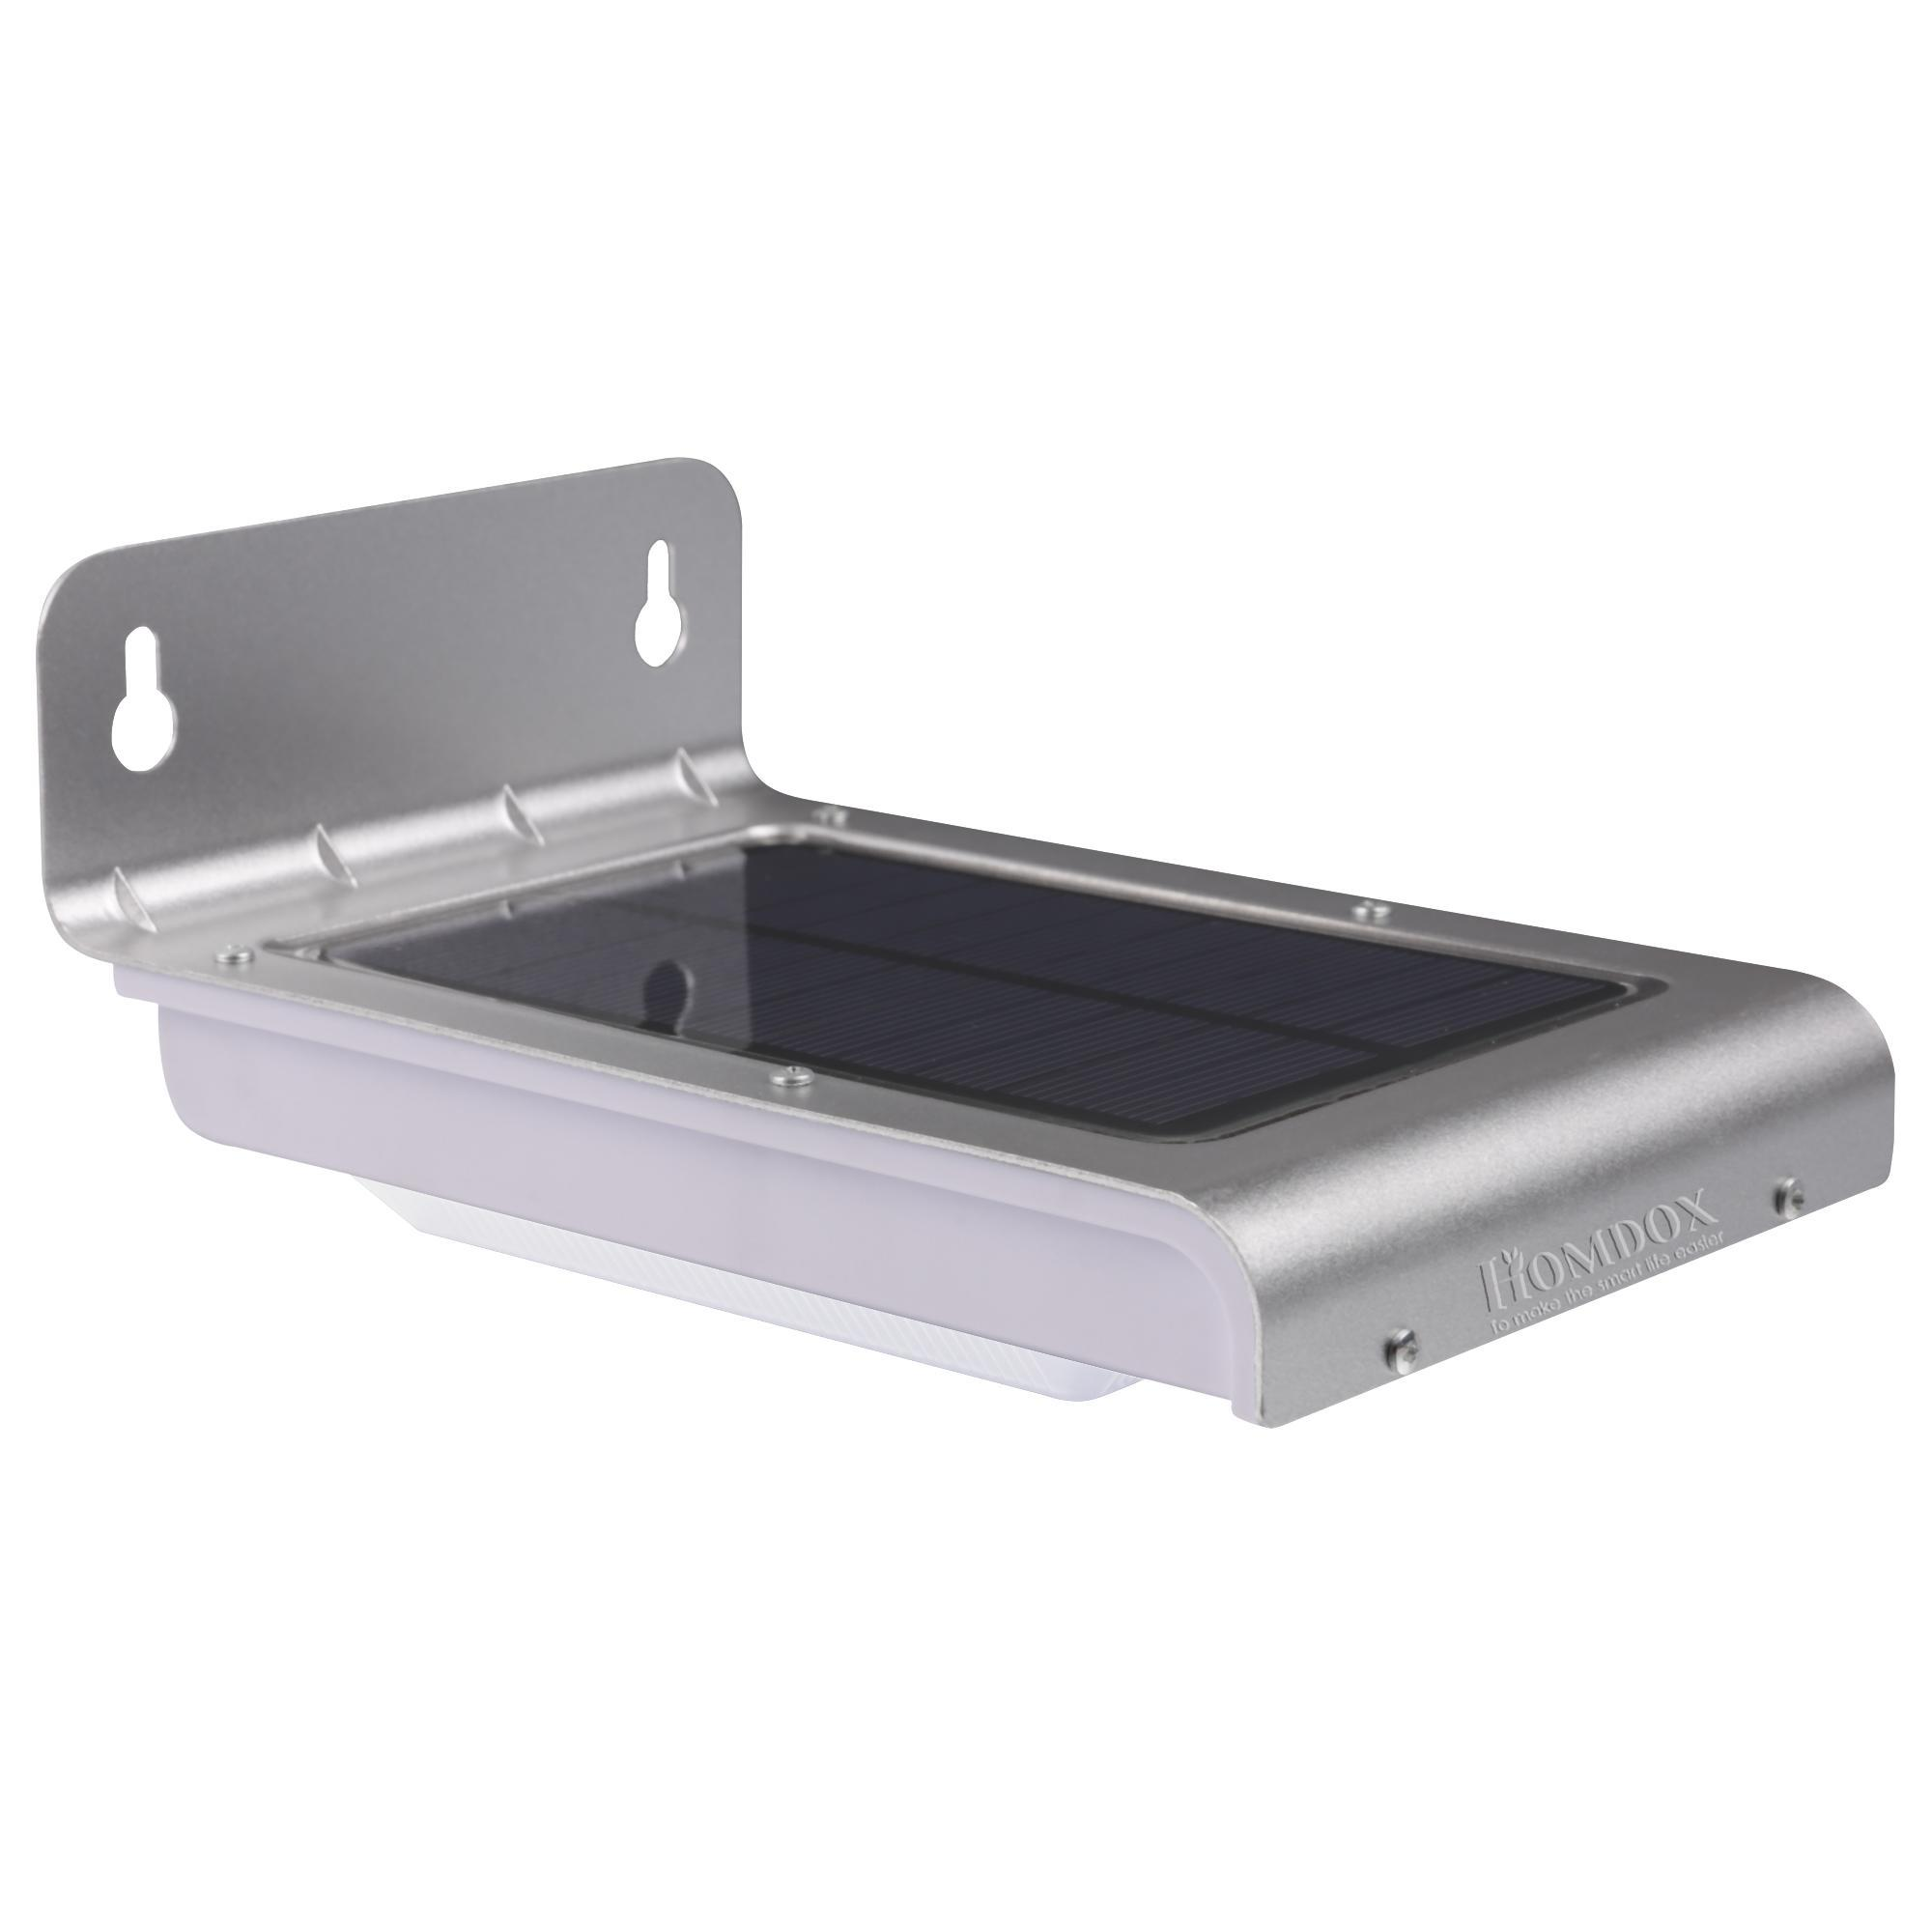 homdox led solaire lampe wall light avec d tecteur de mouvement achat vente homdox led. Black Bedroom Furniture Sets. Home Design Ideas